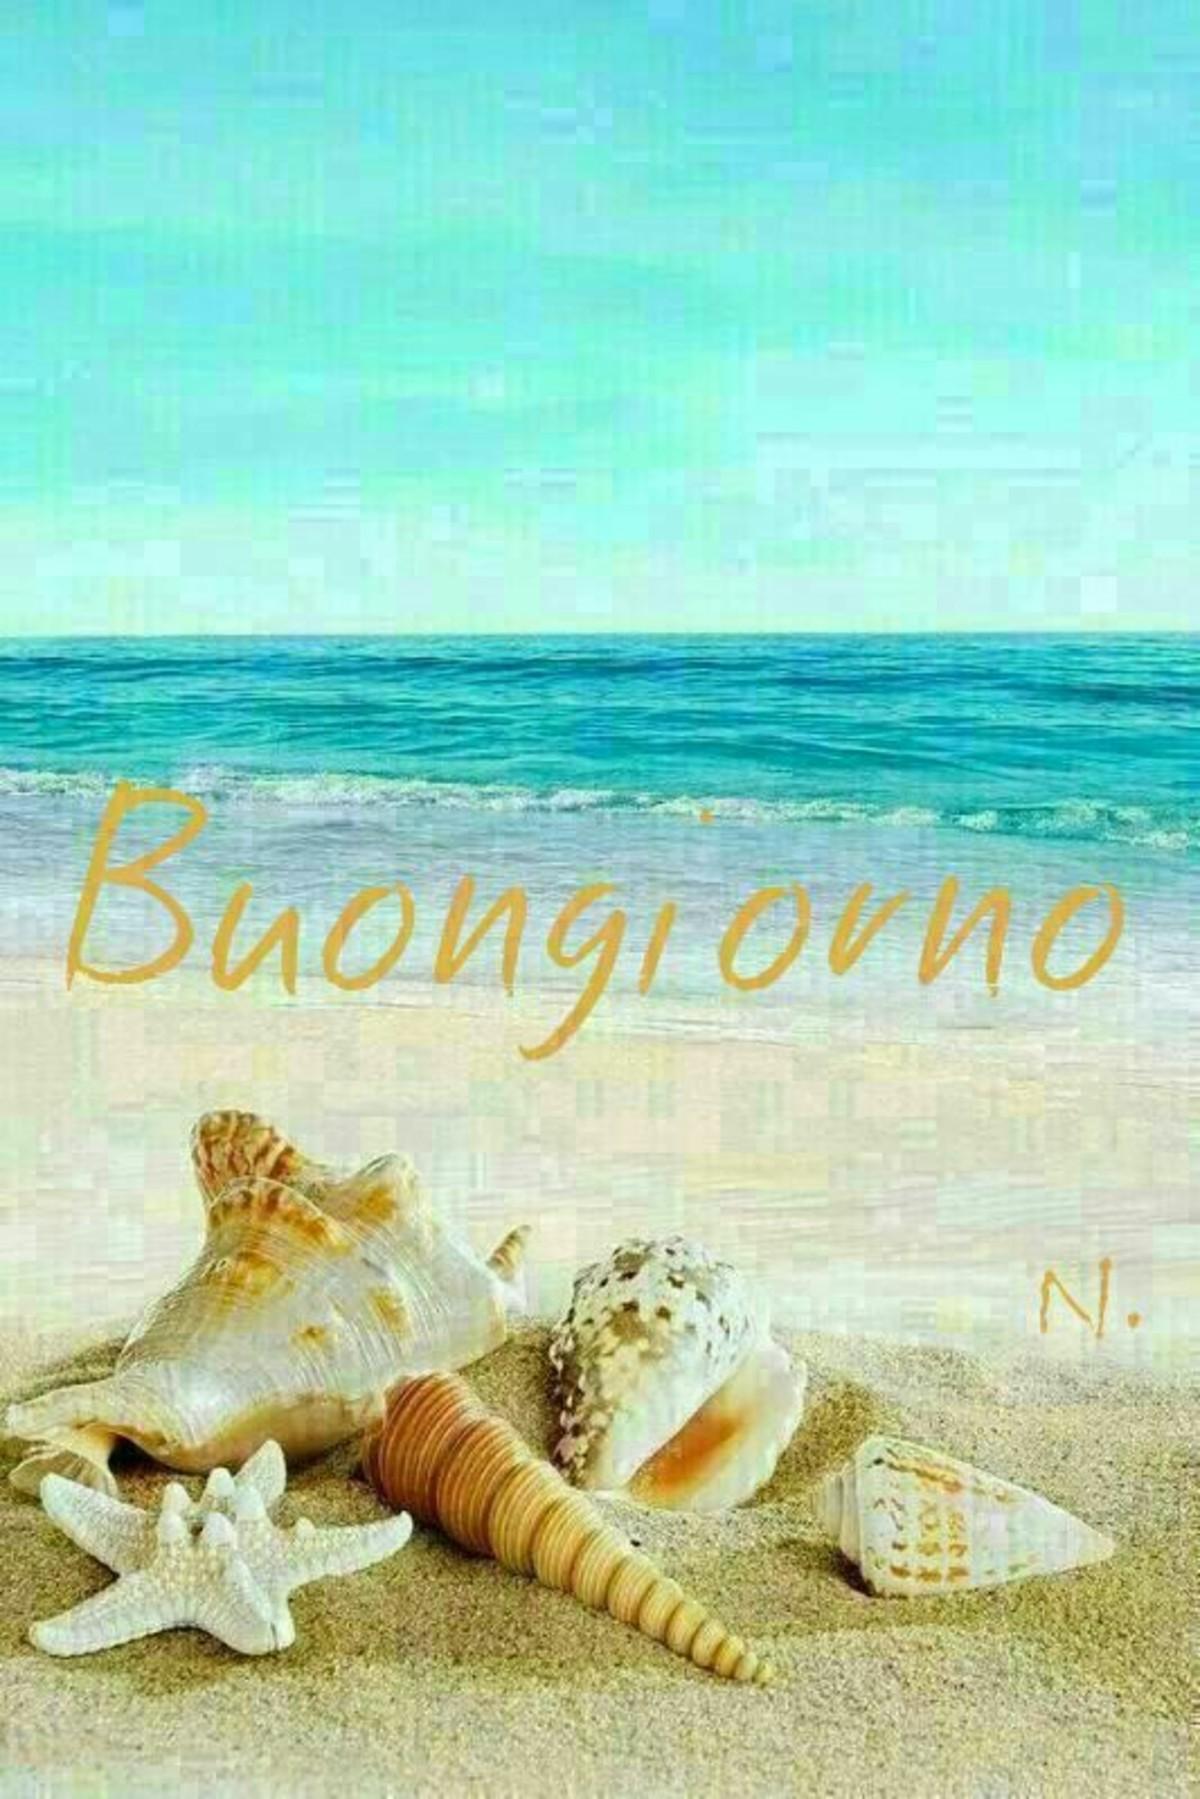 Buongiorno Immagini con la spiaggia estate (6)